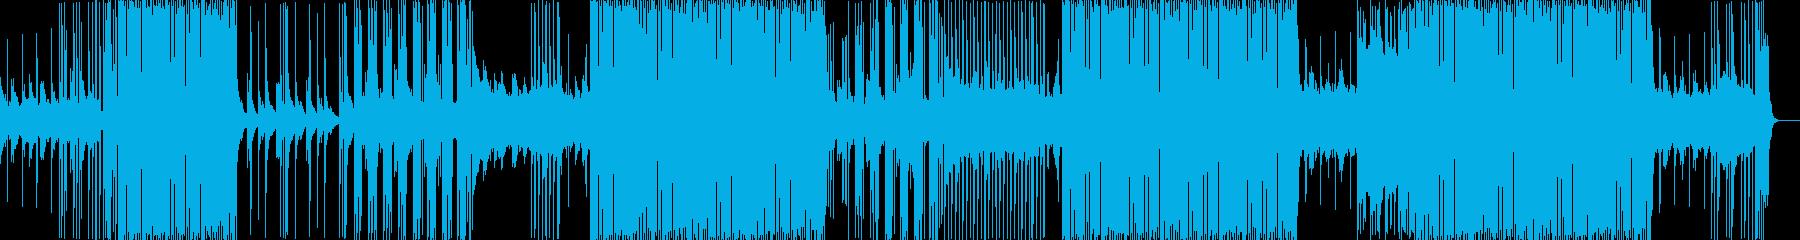 リズミカルな爽やかでノリが良い楽曲の再生済みの波形